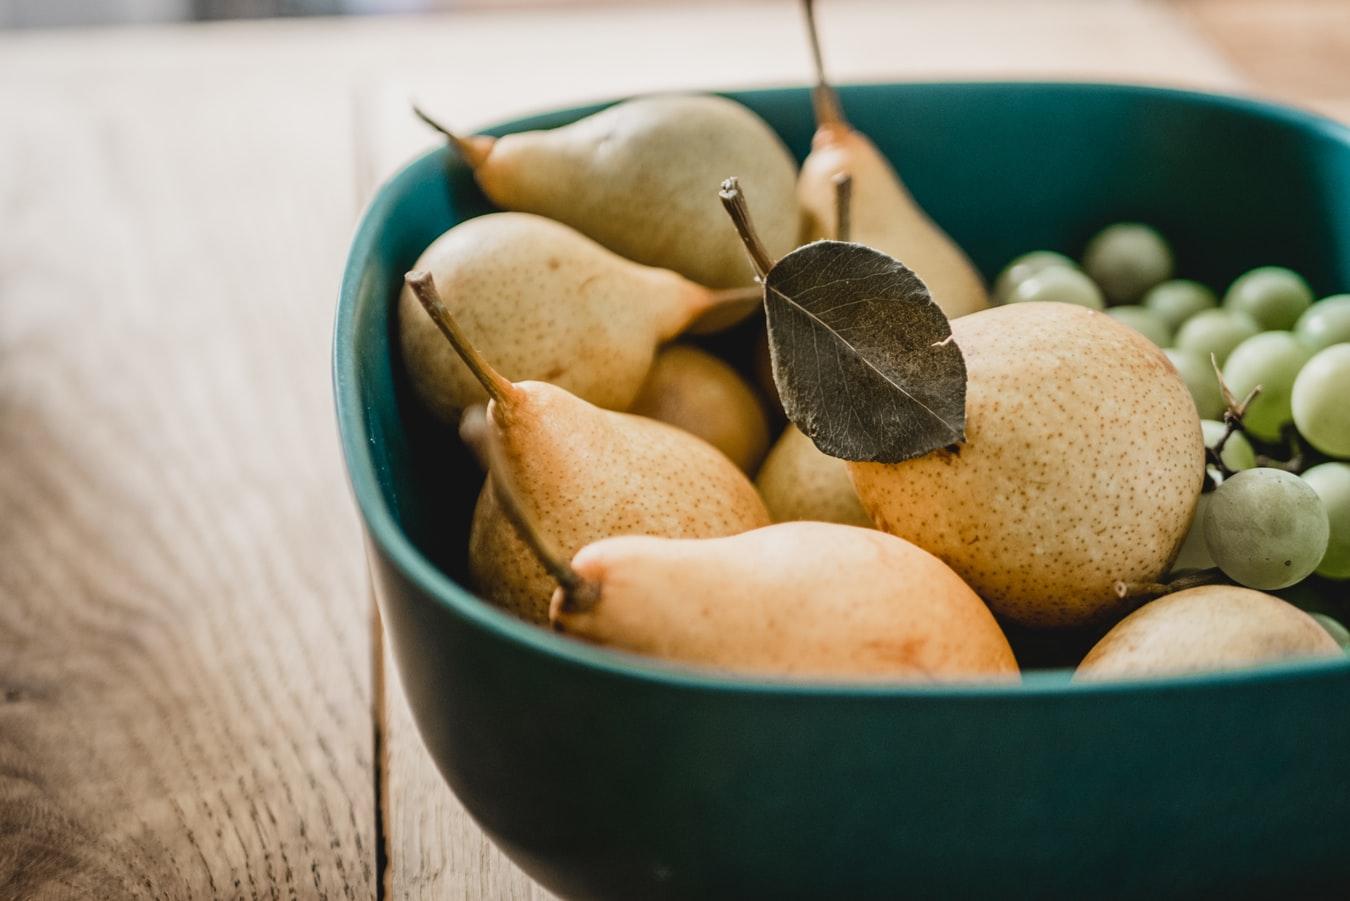 Осенний рацион для здорового питания 9 лучших продуктов - Груши